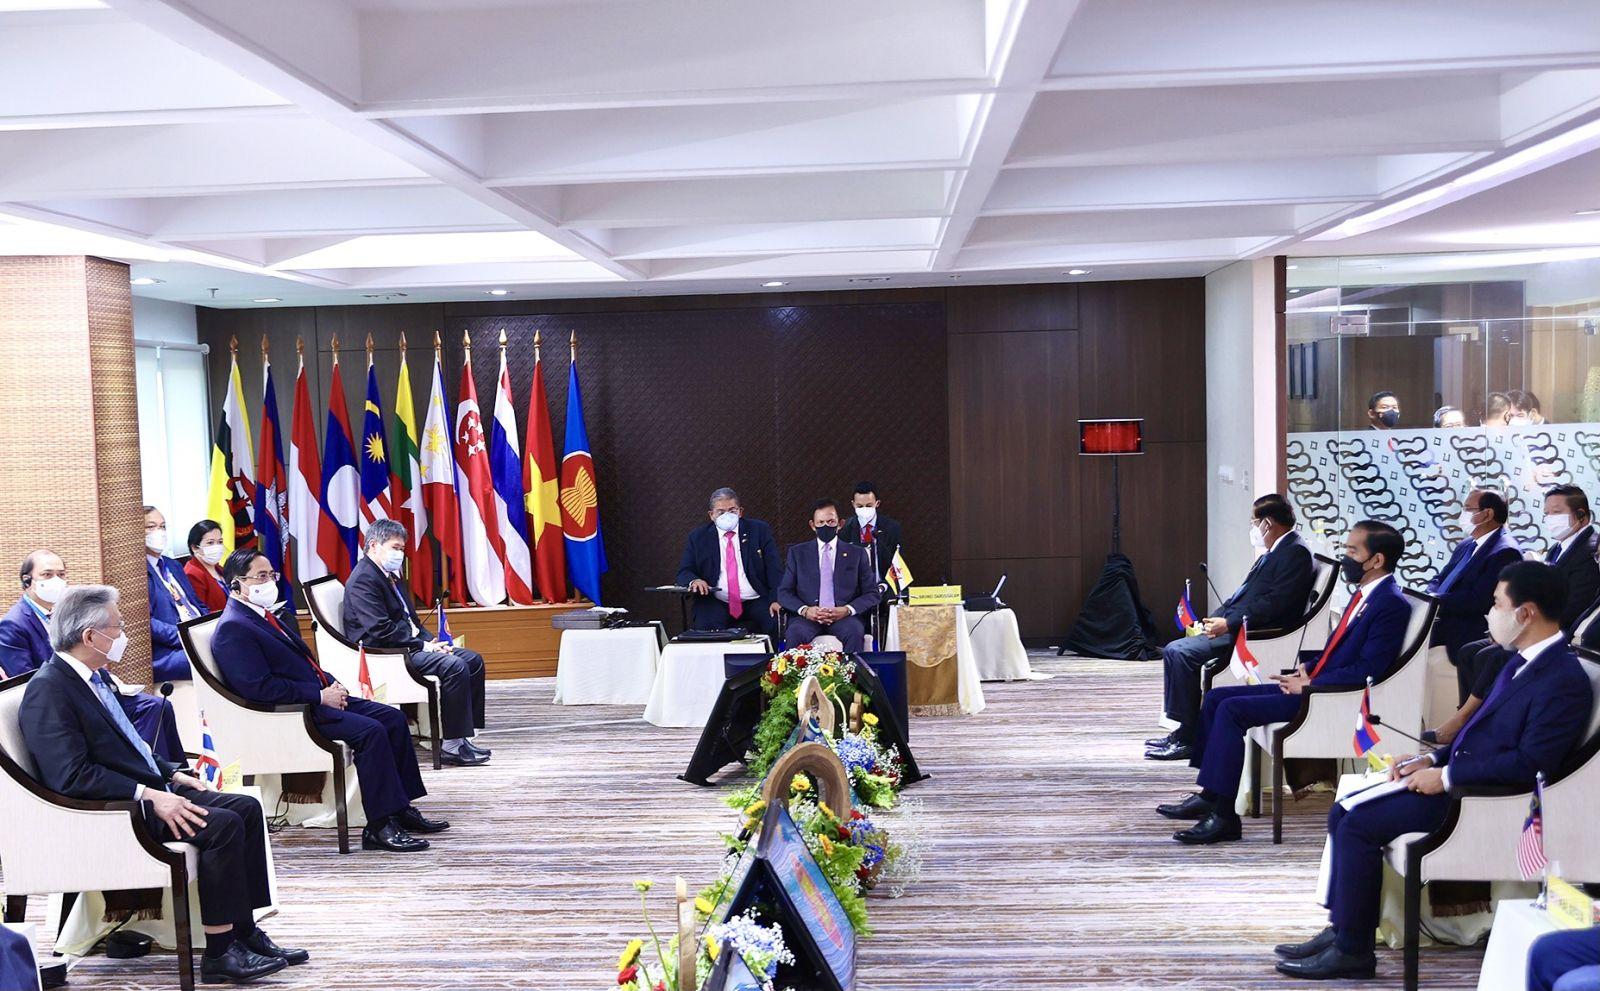 Kết thúc Hội nghị, nước Chủ tịch ASEAN đã ra Tuyên bố Chủ tịch về kết quả Hội nghị, trong đó có 5 điểm ASEAN đã đồng thuận về vấn đề Myanmar.  - Ảnh: VGP/Nhật Bắc